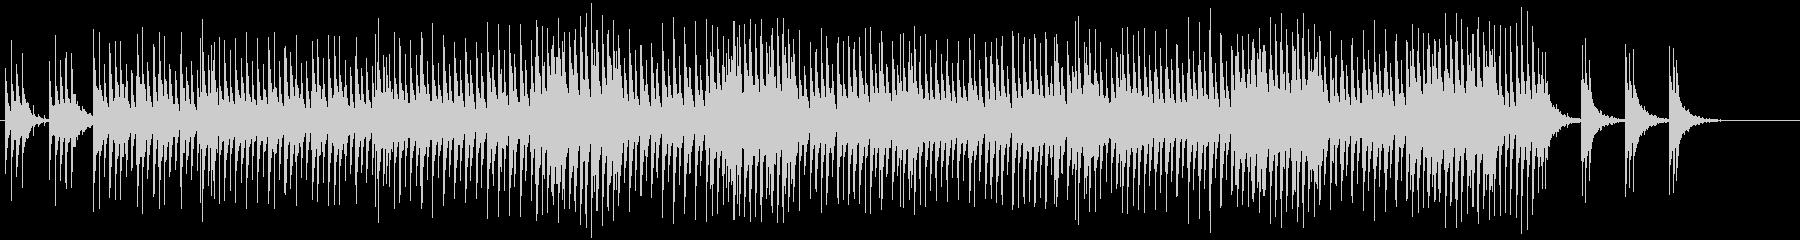 ミステリアスで幻想的な曲、劇半にオススメの未再生の波形